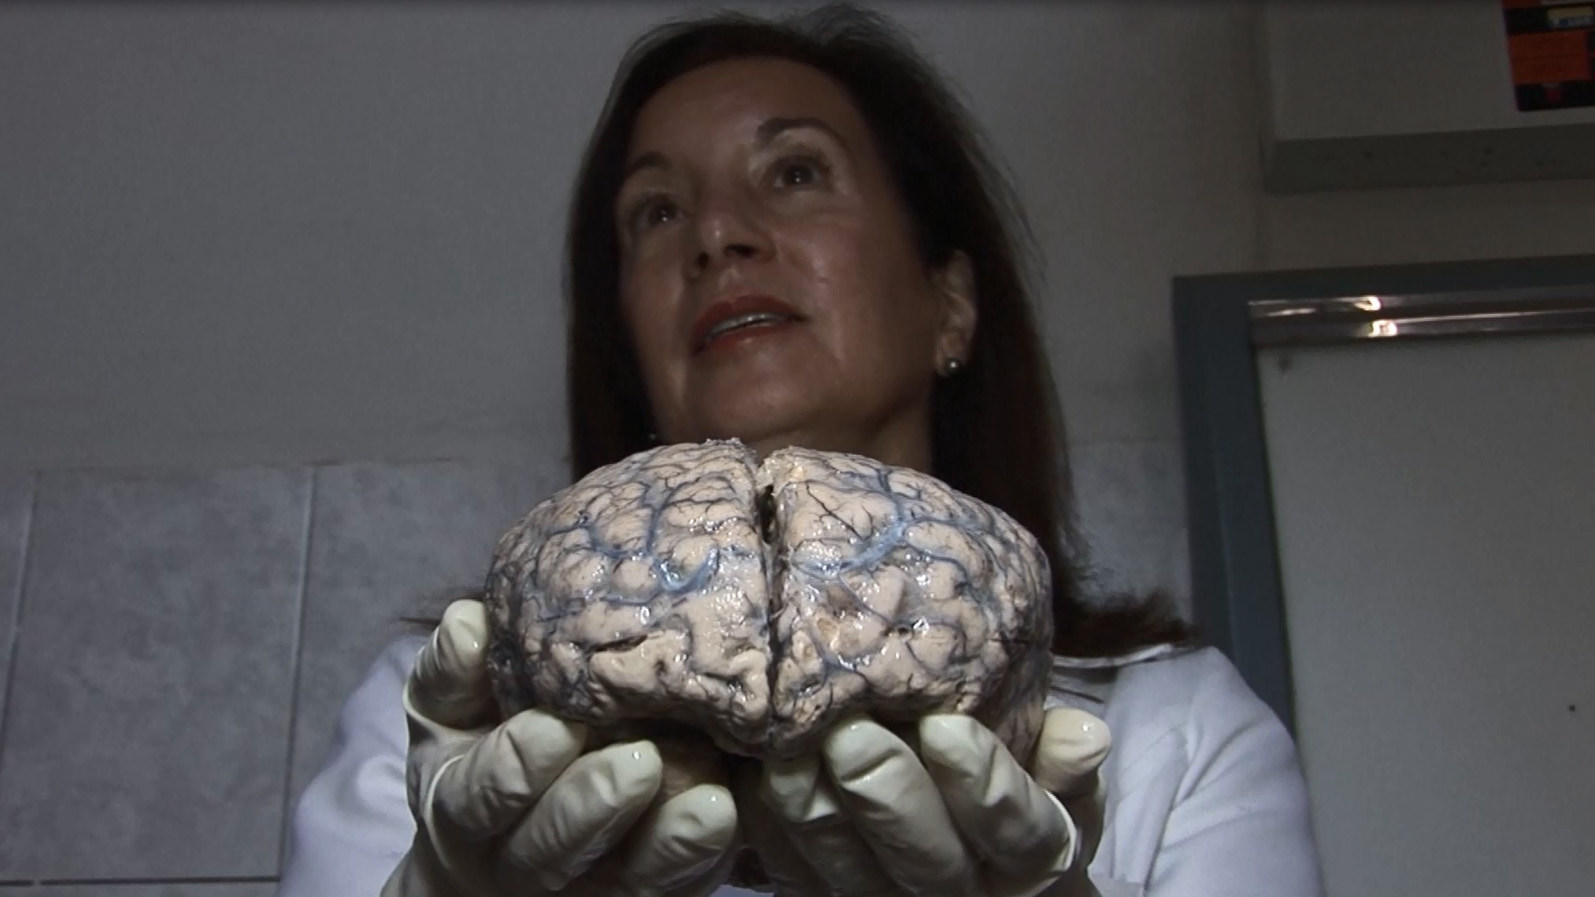 La neuropatóloga peruana Diana Rivas muestra uno de los cerebros enfermos de la exposición.